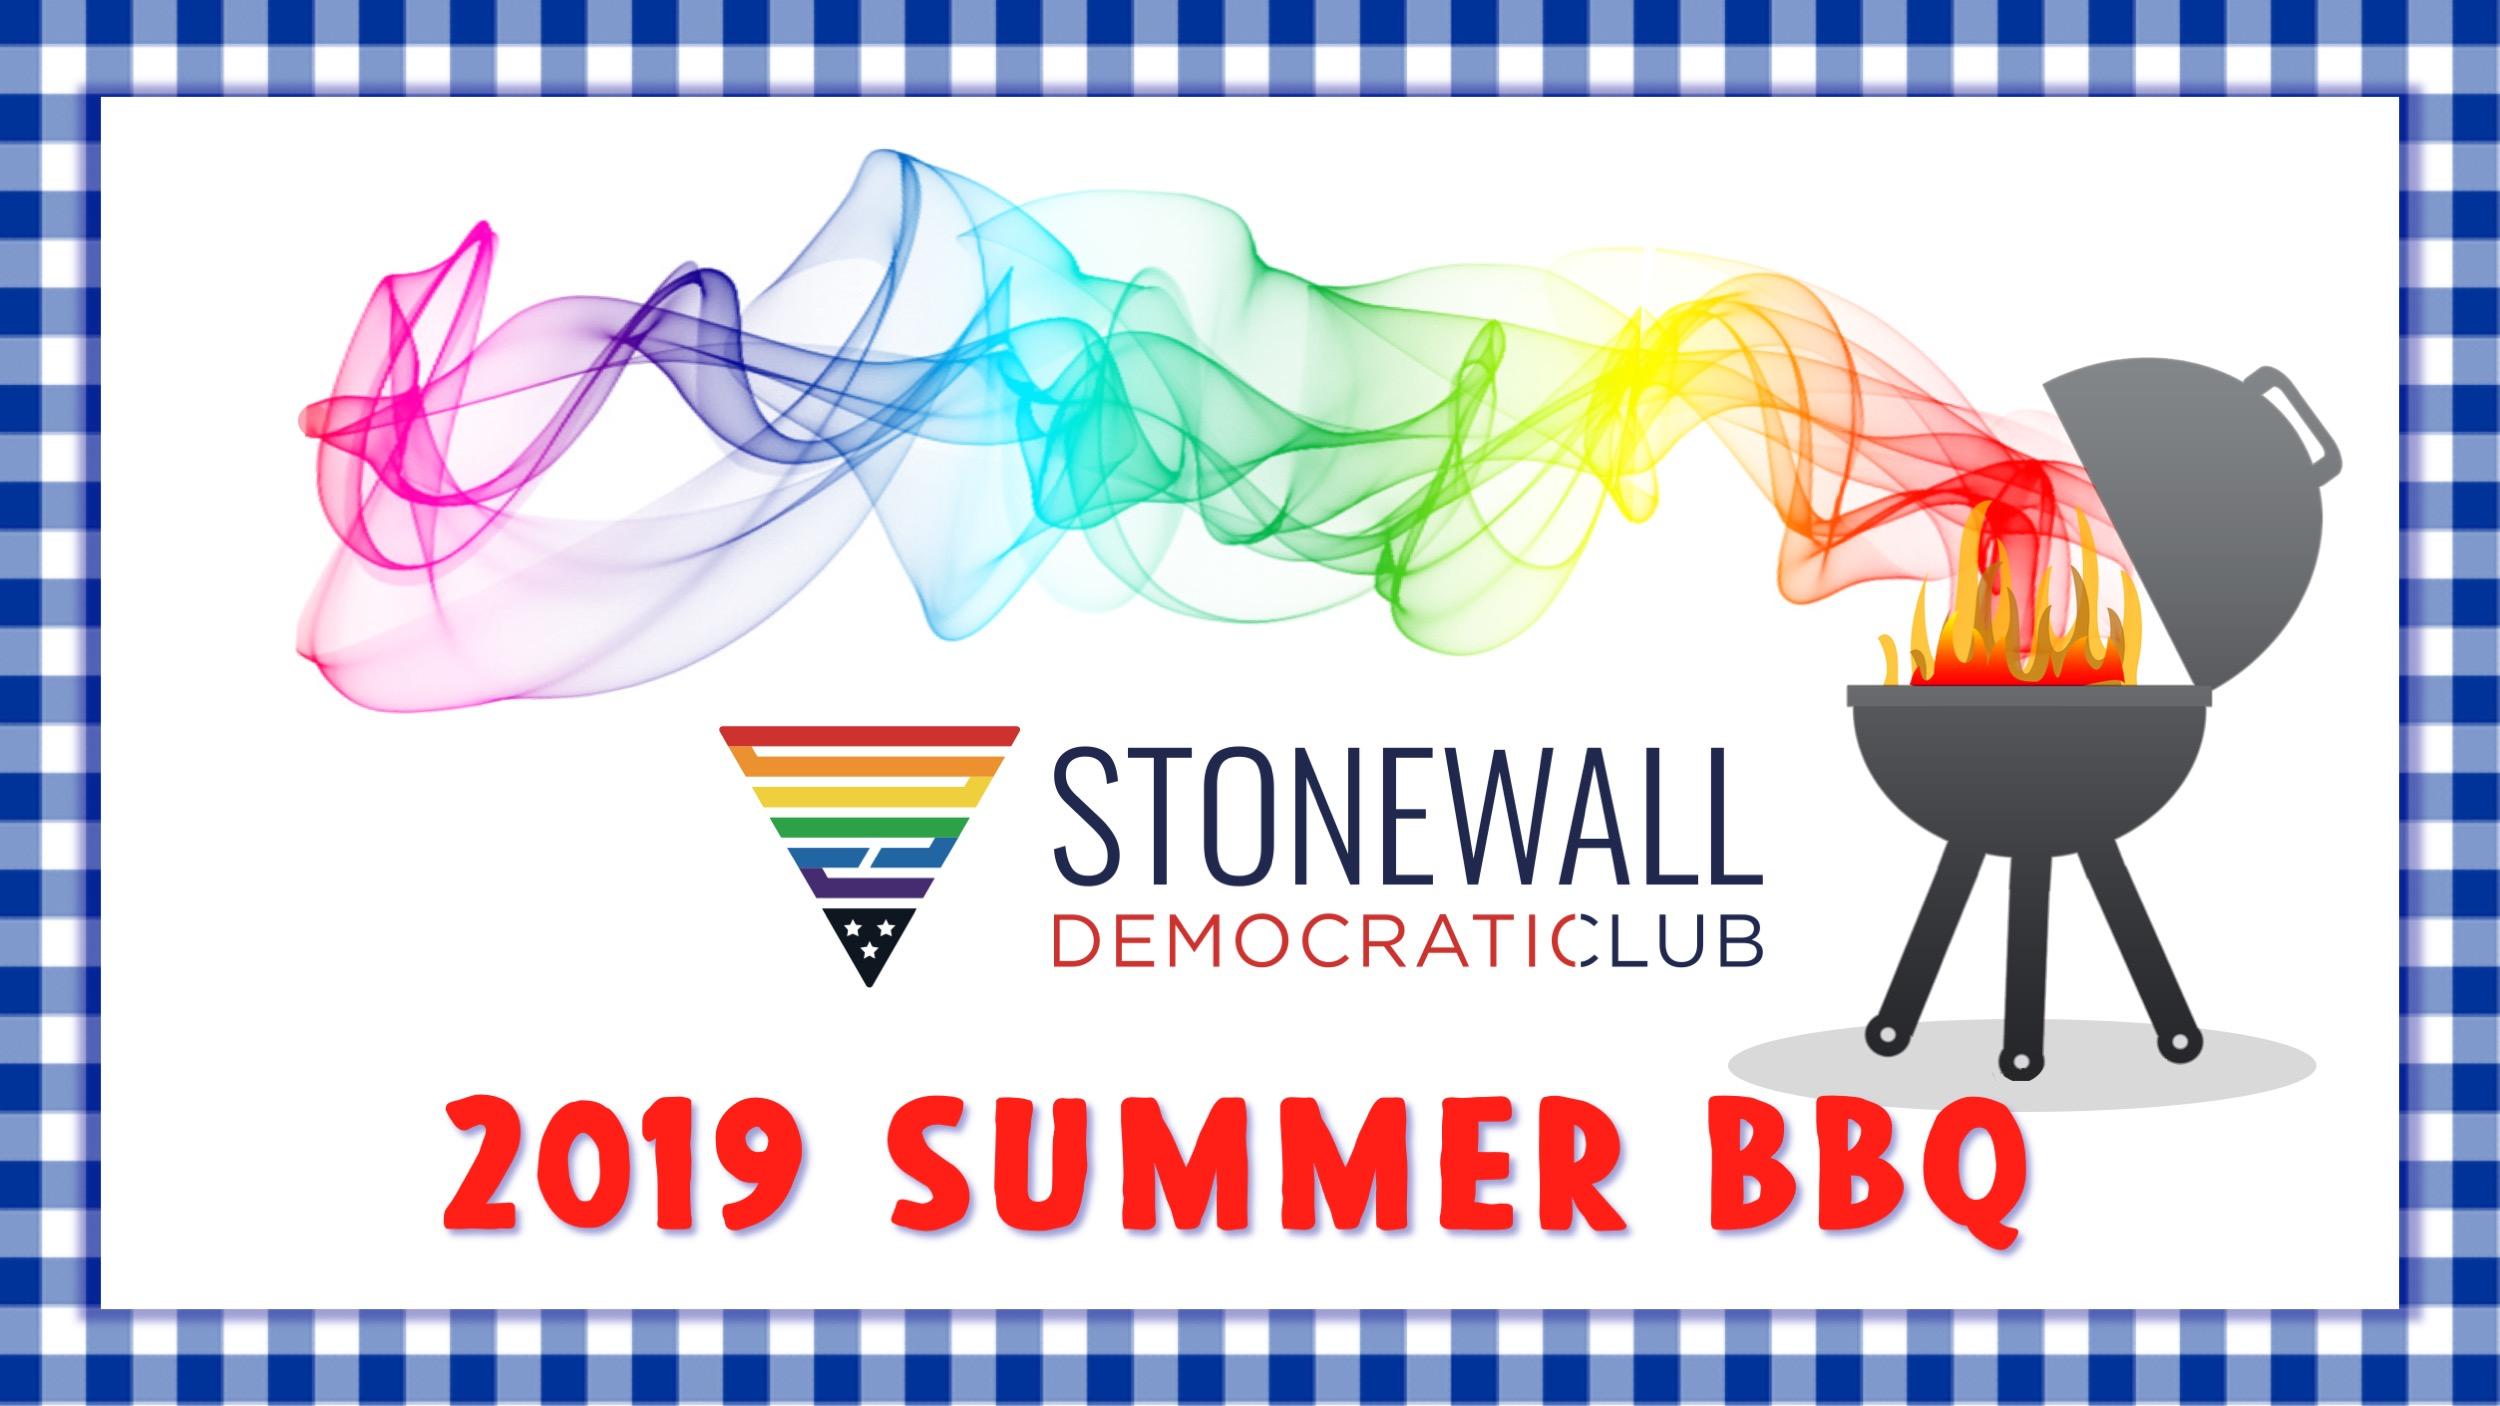 Stonewall Democratic Club - Federal Account